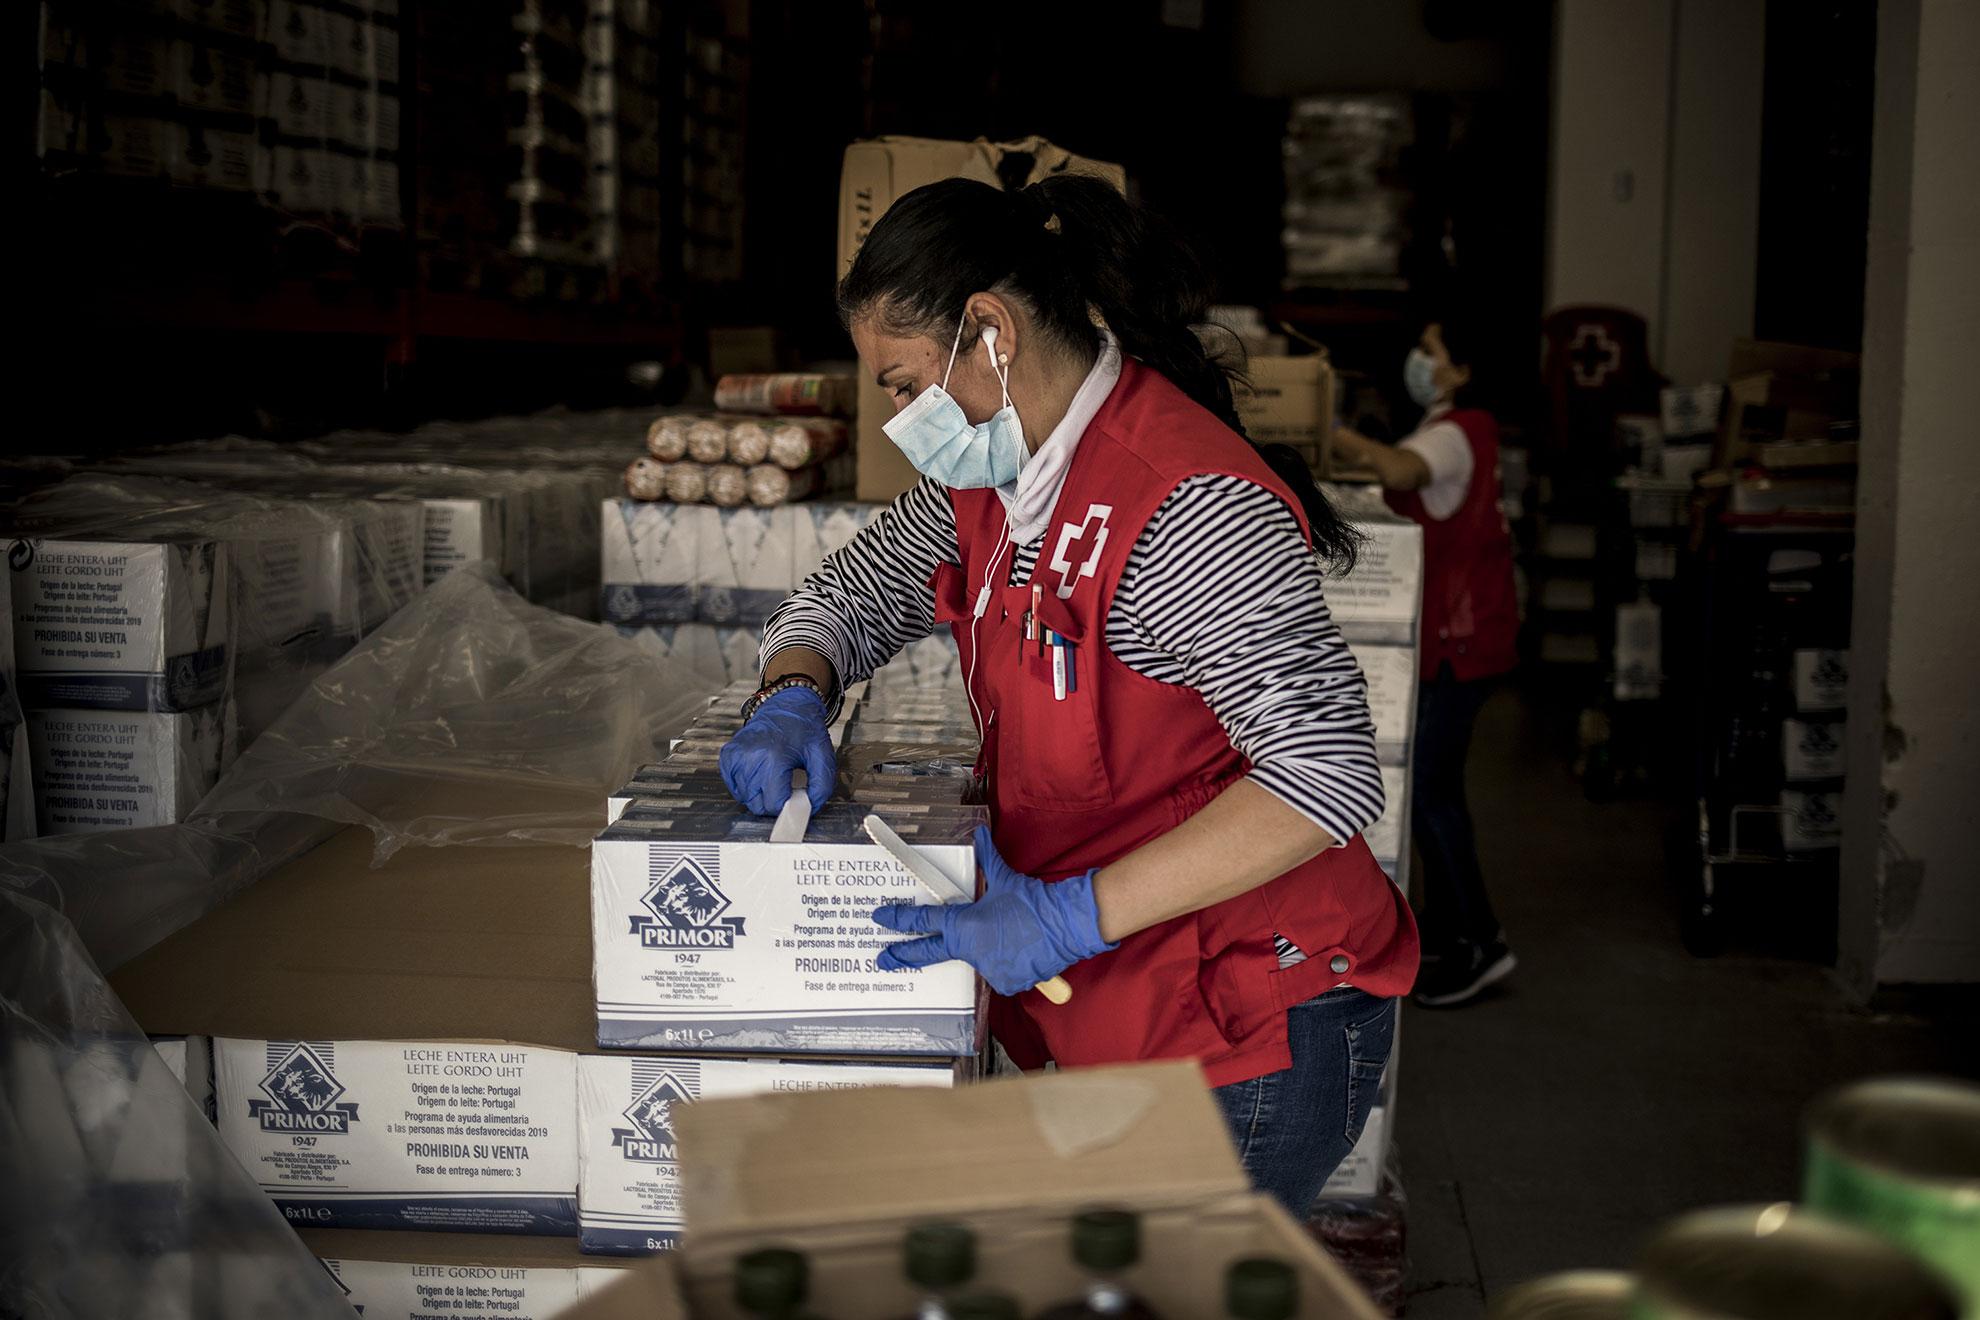 Voluntarios de Cruz Roja en Jerez ordenan el almacén de alimentos y productos de primera necesidad que están facilitando a personas en riesgo de exclusión social, como personas sin hogar y familias sin recursos, haciéndoles llegar kits de alimento e higiene a sus domicilios a aquellas personas que cuentan con problemas de movilidad.